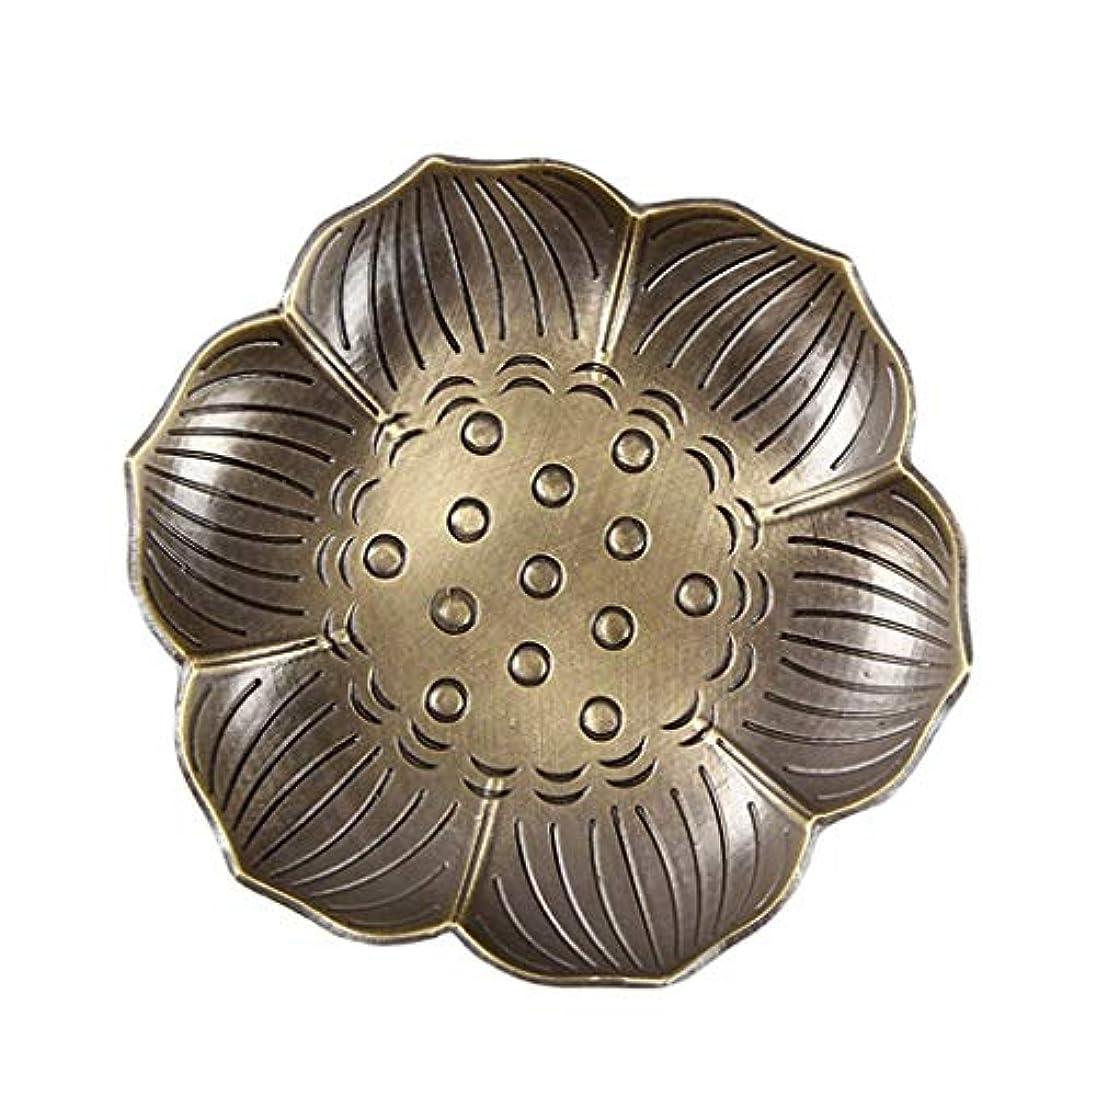 マンハッタン引き出し本物の合金香炉コイルバーナークリエイティブホームオフィスの装飾香バーナークラシック梅スティックスティック香ホルダー (Color : D)